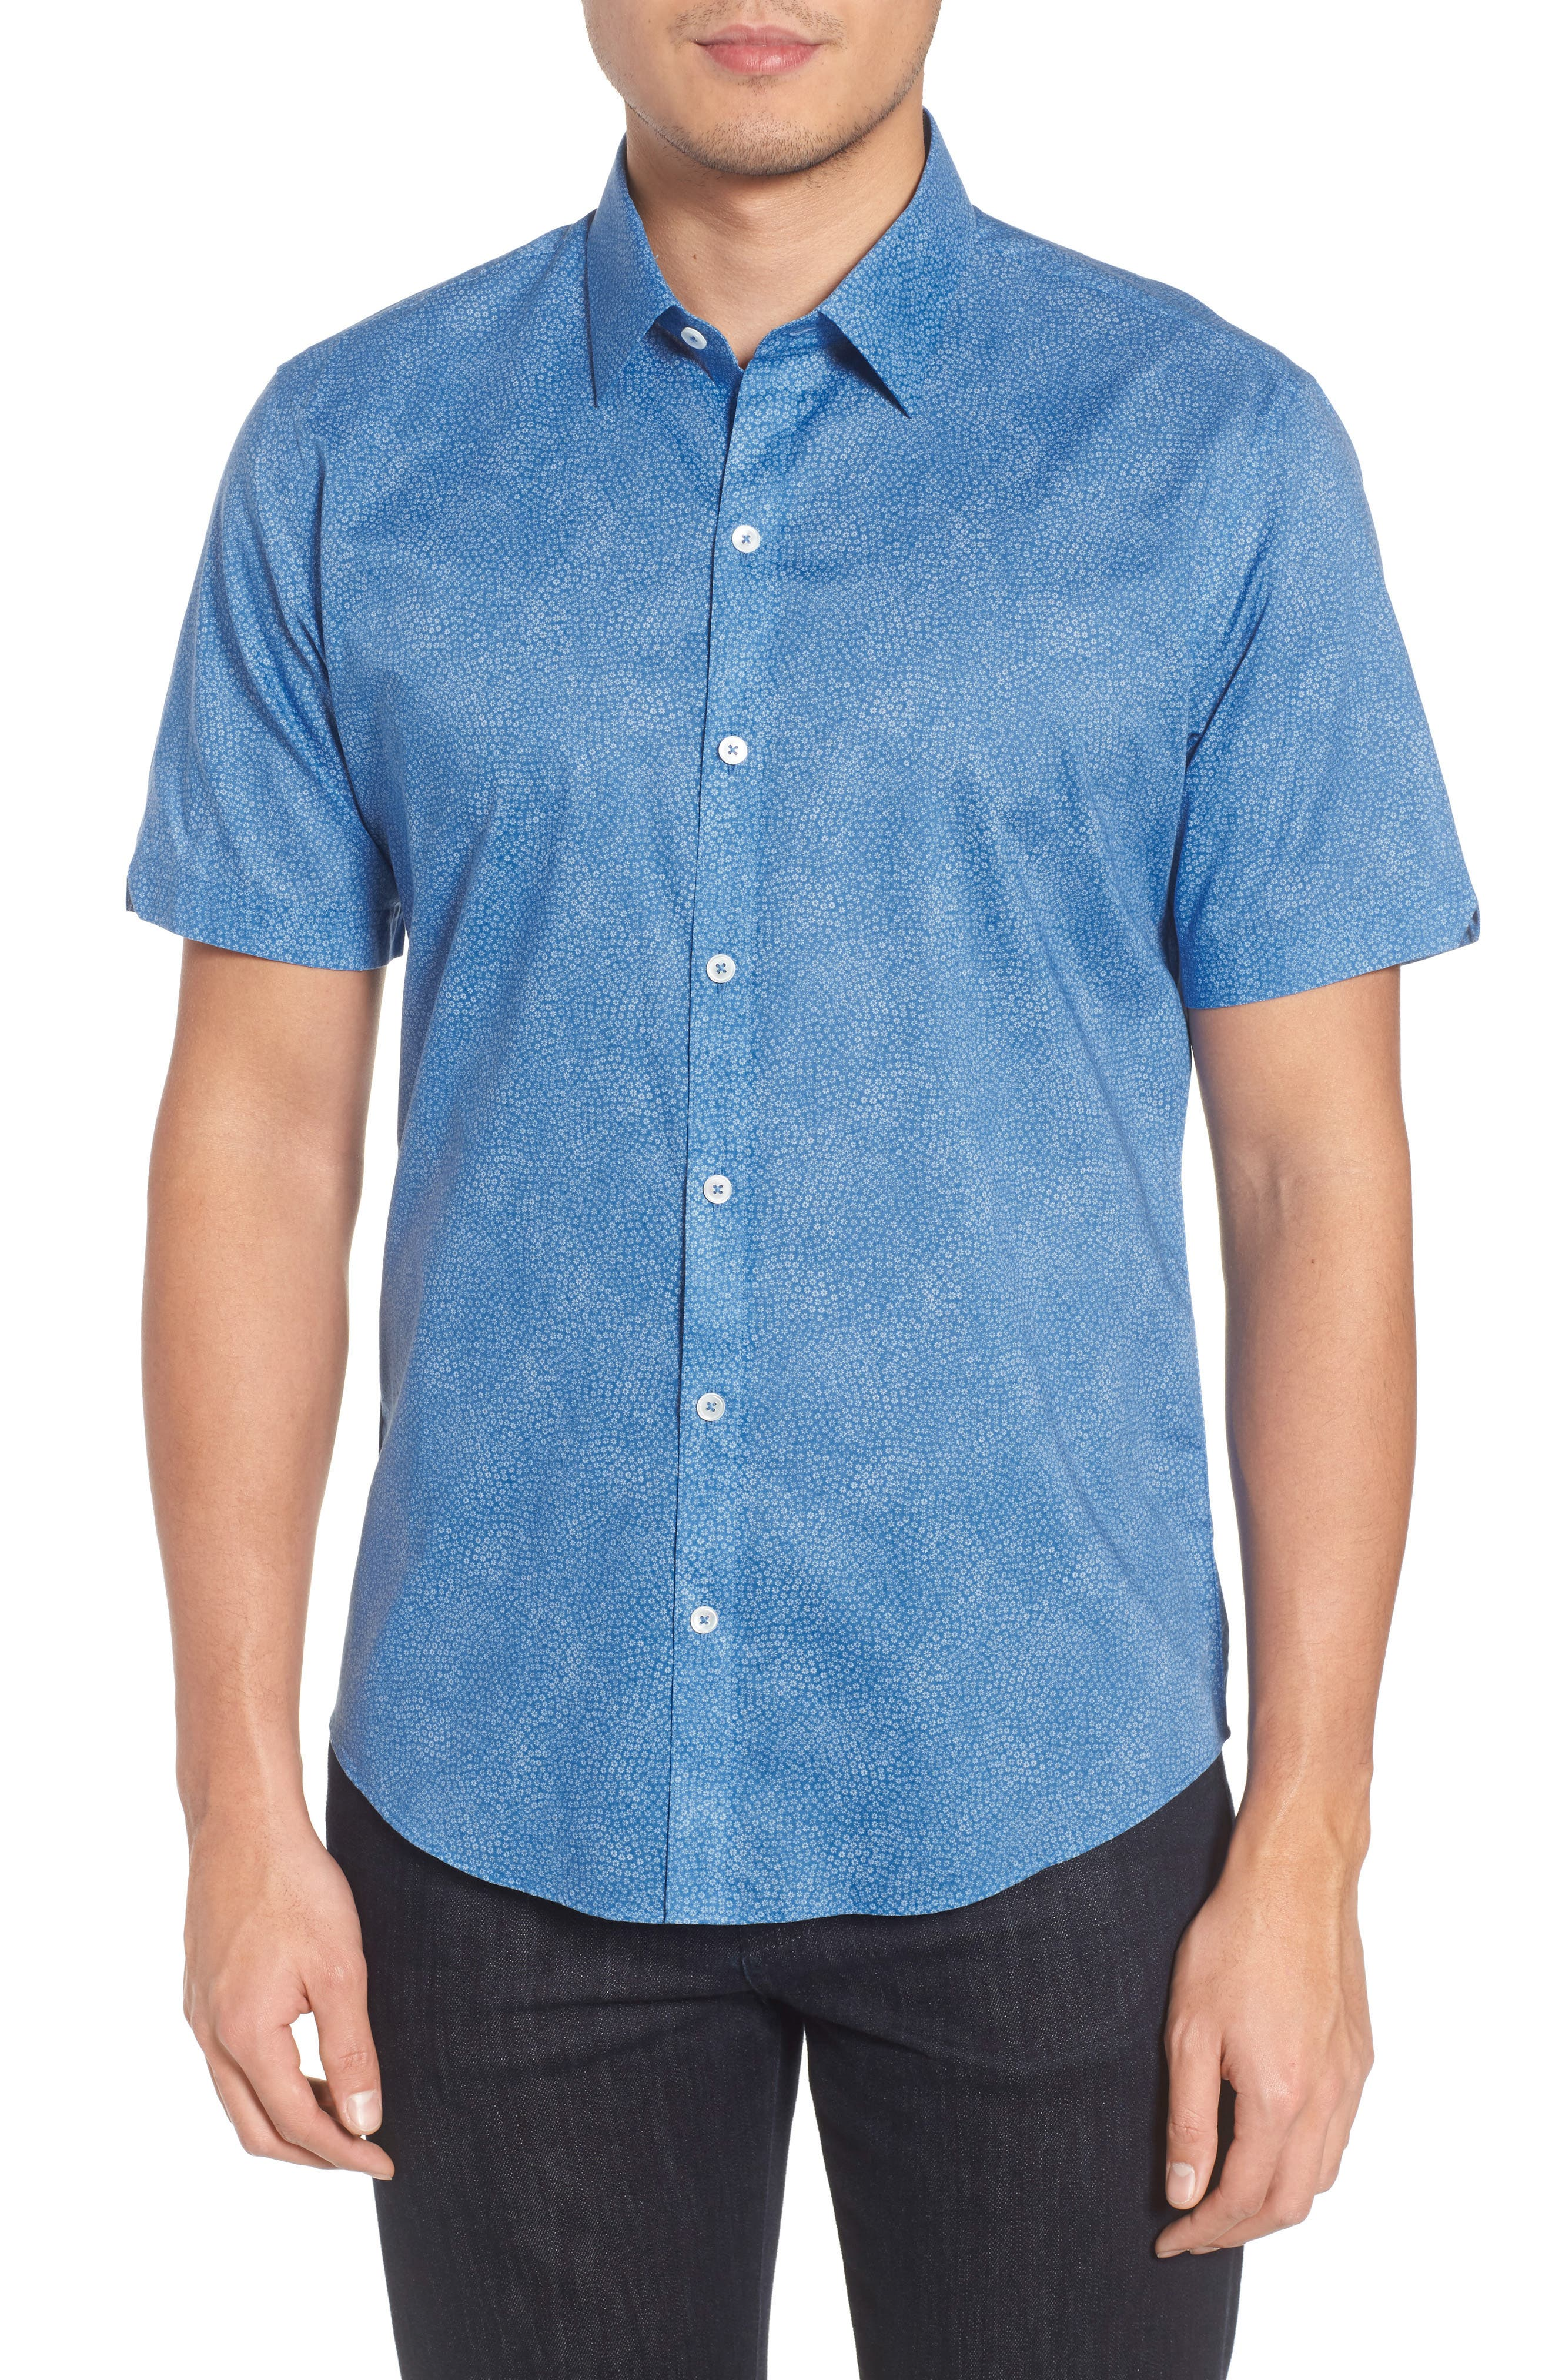 Siguenza Floral Short Sleeve Sport Shirt,                             Main thumbnail 1, color,                             400